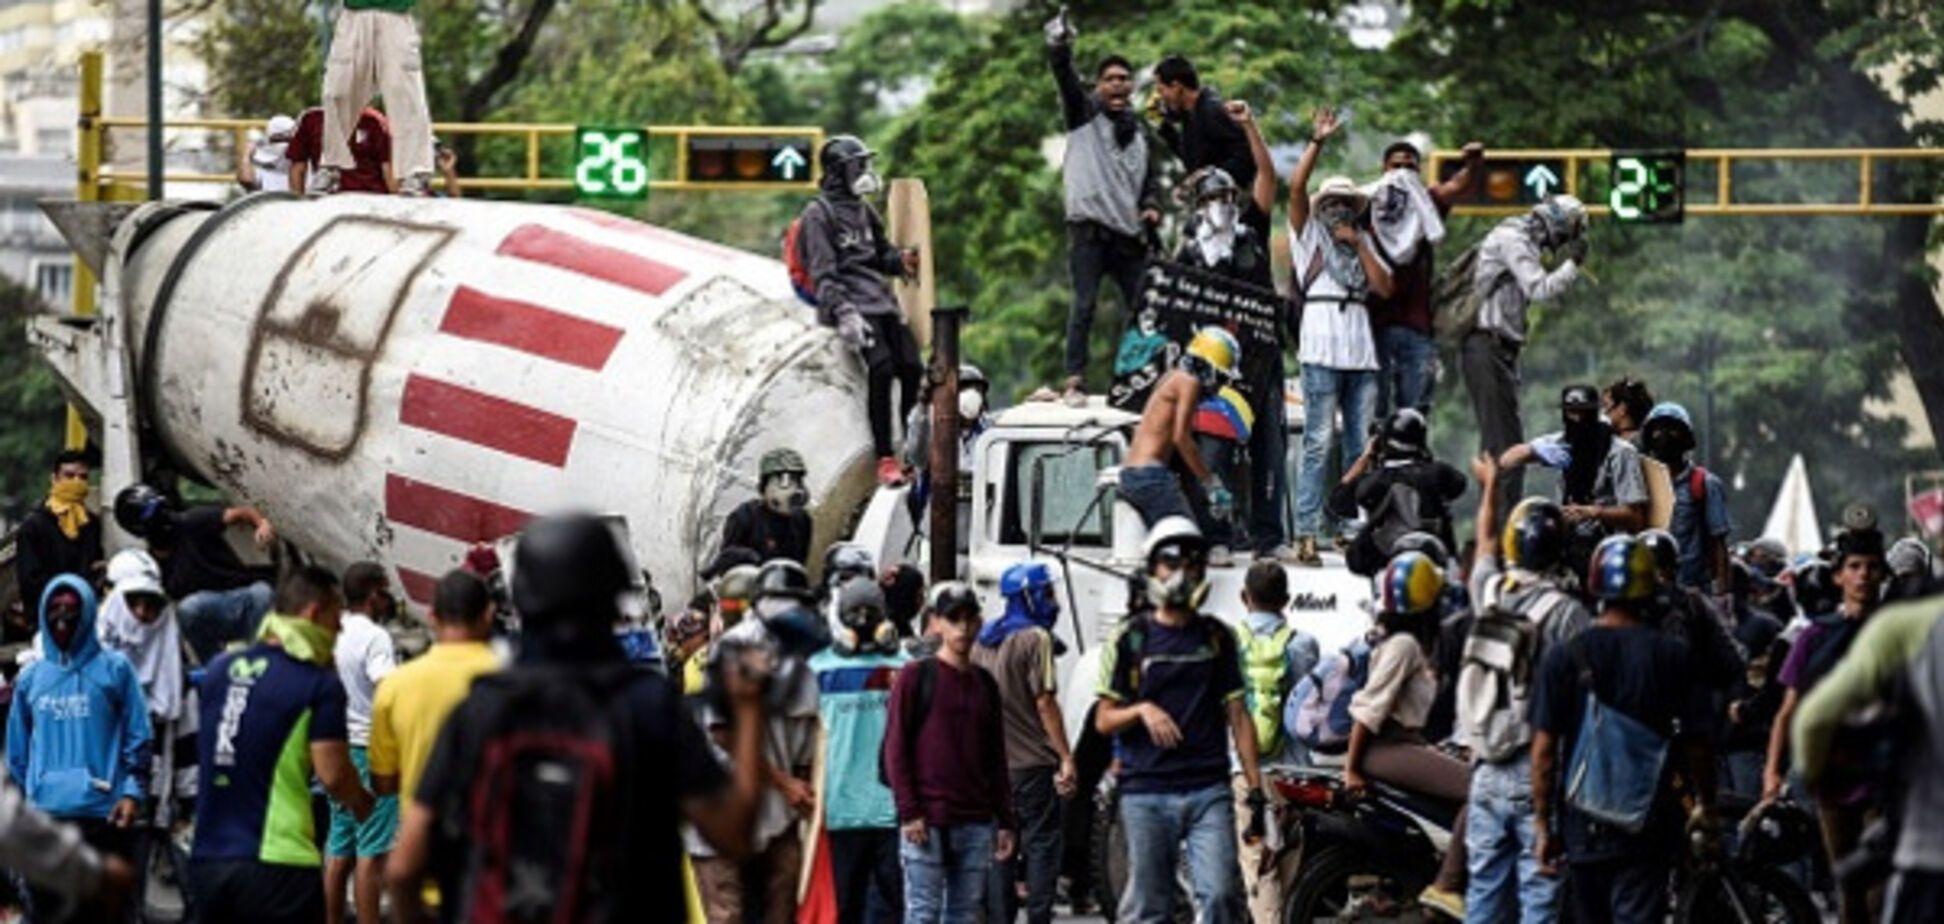 Даєш майдан! Нові події революції у Венесуелі вразили соцмережі